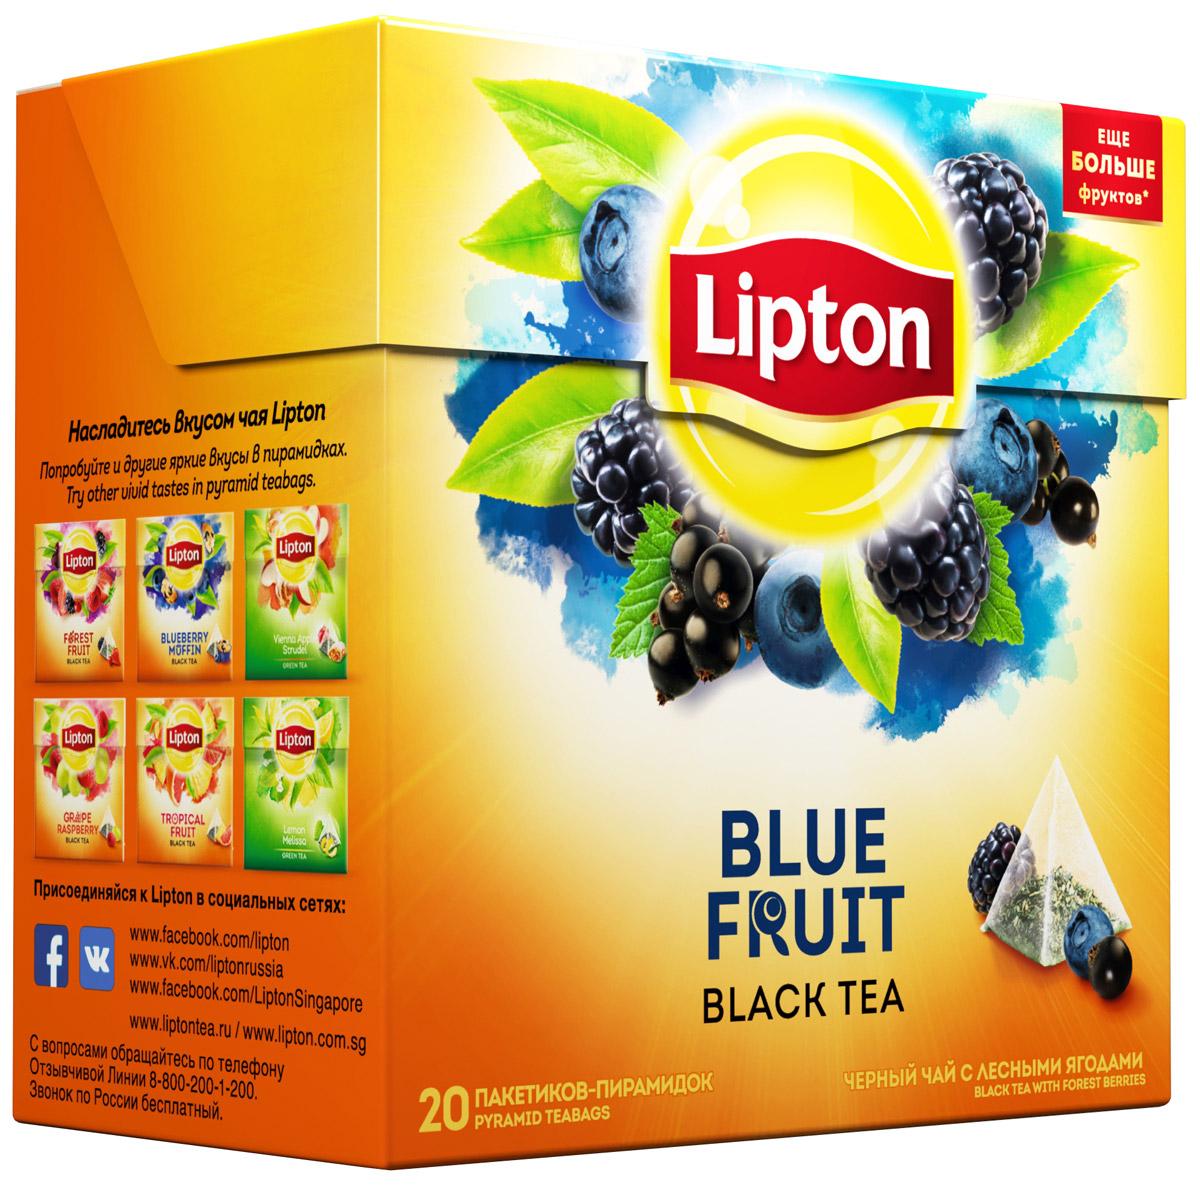 Lipton Blue Fruit Tea черный чай в пирамидках, 20 шт67009785/21187904/20206121Тайна восхитительного вкуса заключена в гармоничном сочетании кусочков ягод – ежевики, черной смородины и черники – с листочками отборного чая, которые полностью проявляют все свое великолепие благодаря свободному пространству внутри пирамидки. Аромат лесных ягод в Lipton Blue Fruit раскрывает загадки вкуса и дарит только светлые эмоции!Уважаемые клиенты! Обращаем ваше внимание на то, что упаковка может иметь несколько видов дизайна. Поставка осуществляется в зависимости от наличия на складе.Всё о чае: сорта, факты, советы по выбору и употреблению. Статья OZON Гид